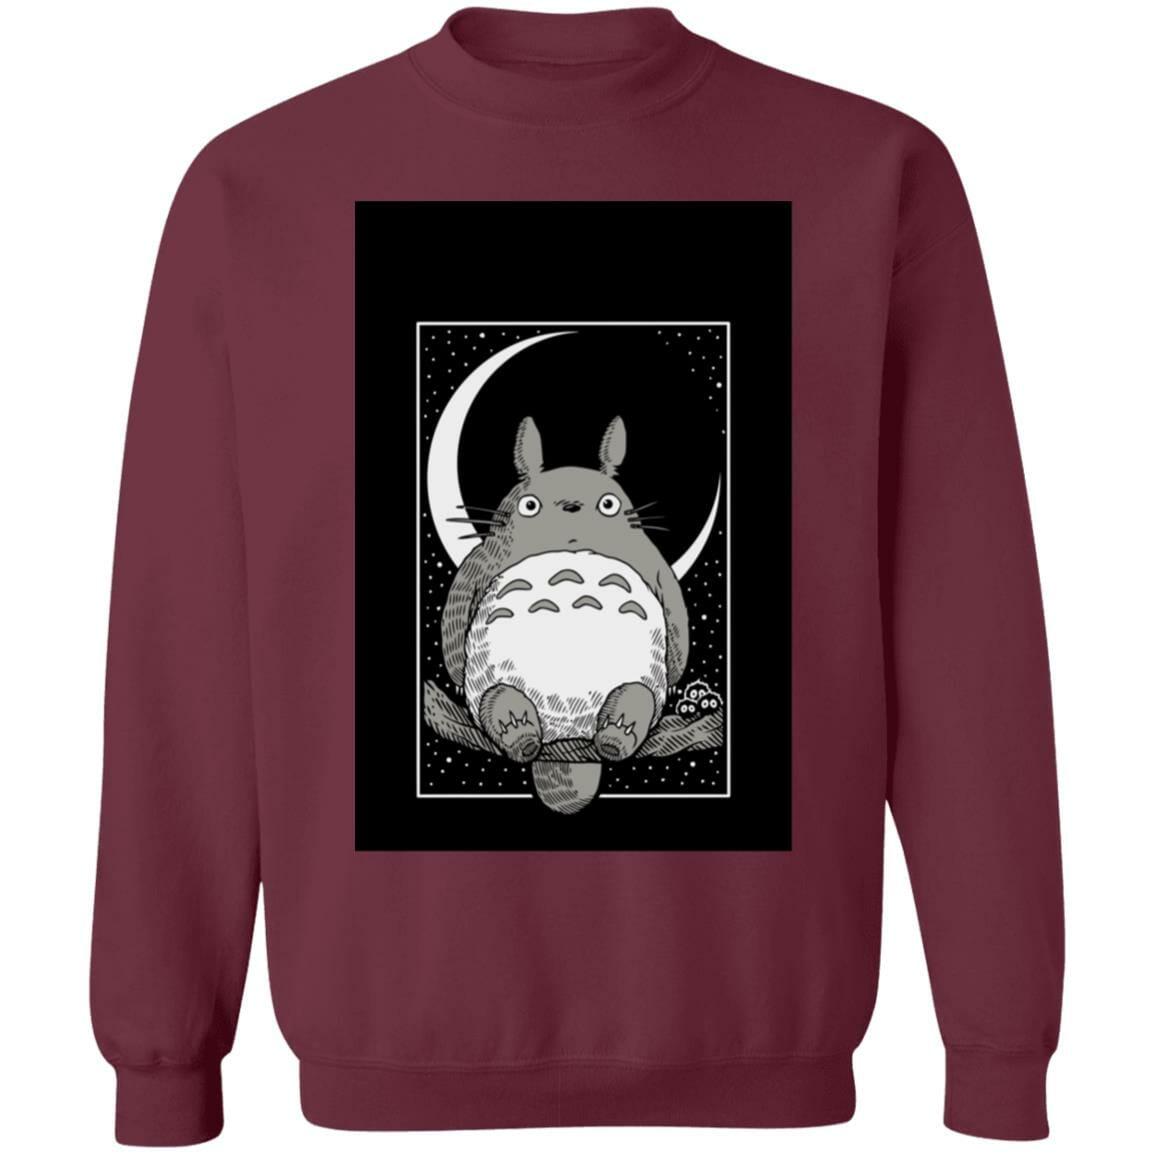 My Neighbor Totoro by the Moon Black & White Sweatshirt Unisex